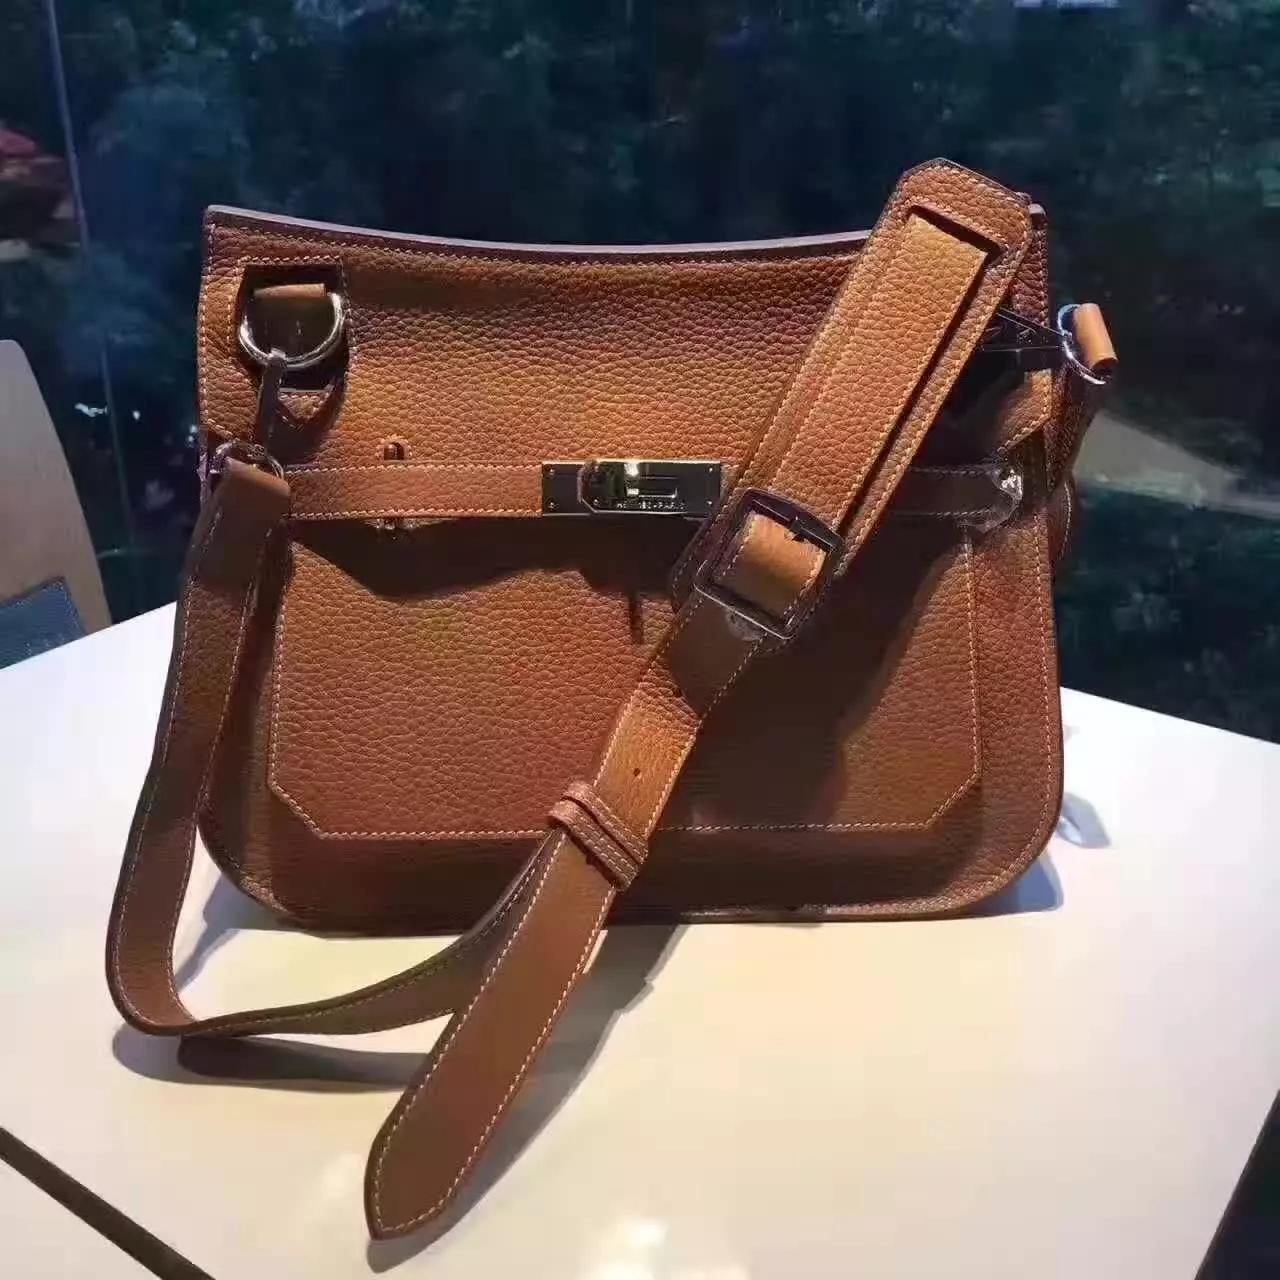 Hermes Jypsiere Leather Shoulder Bag Coffee